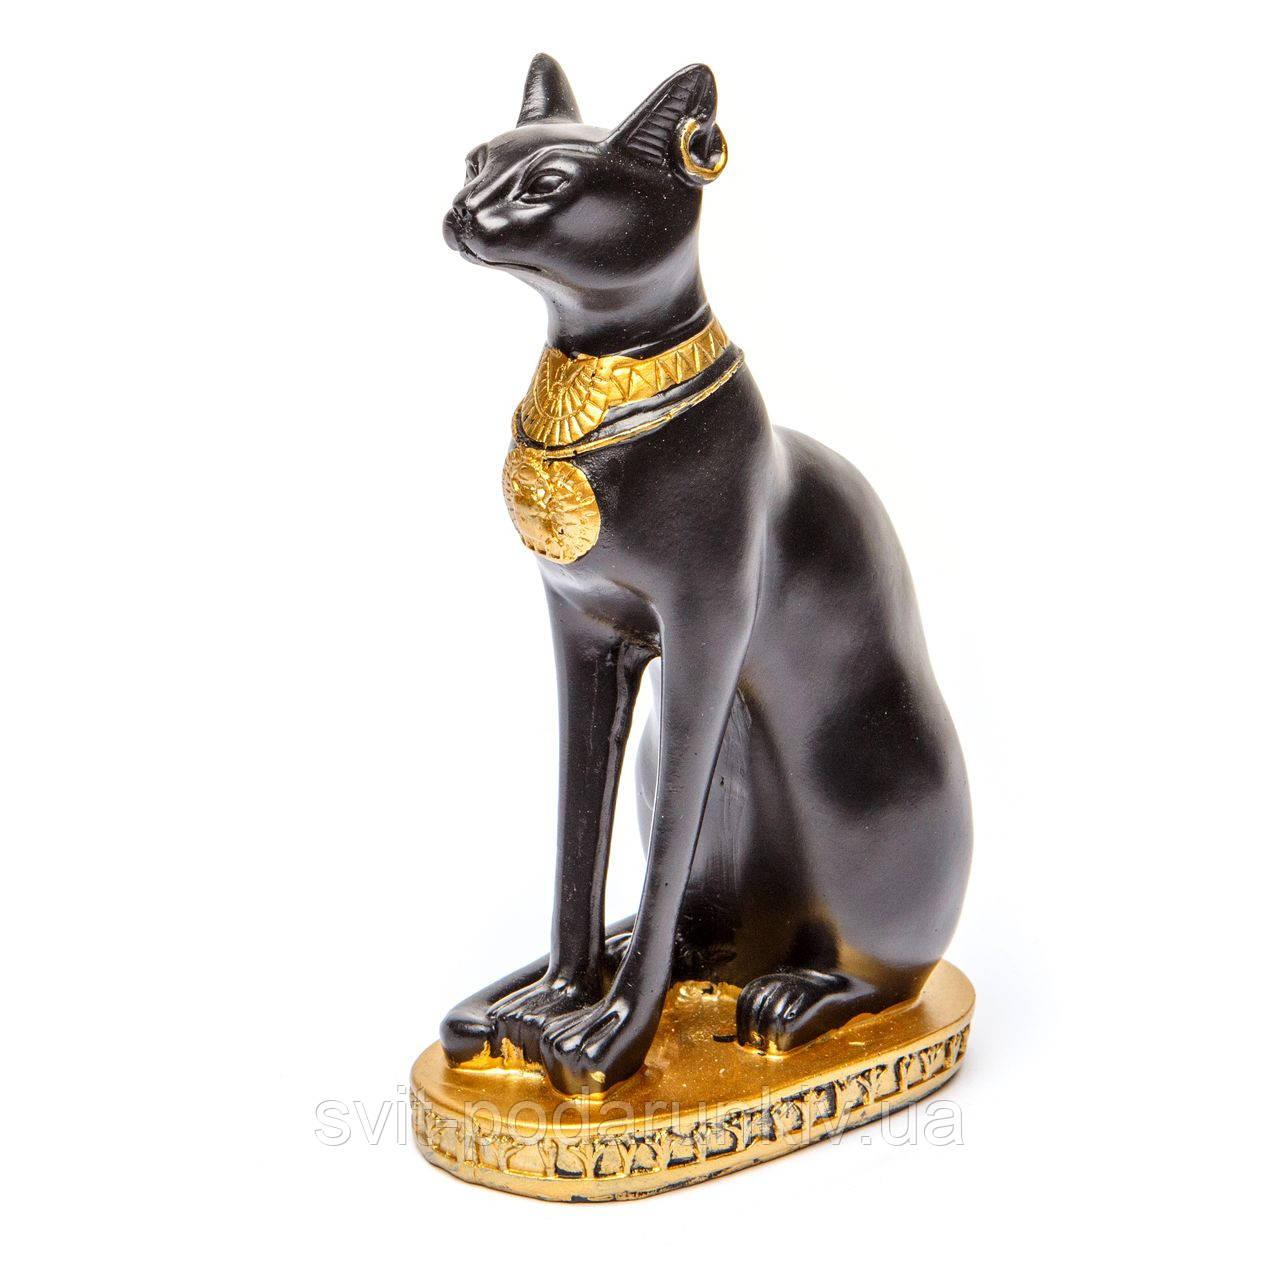 Сувенир кошка египетская чёрная S796 - 7,5A